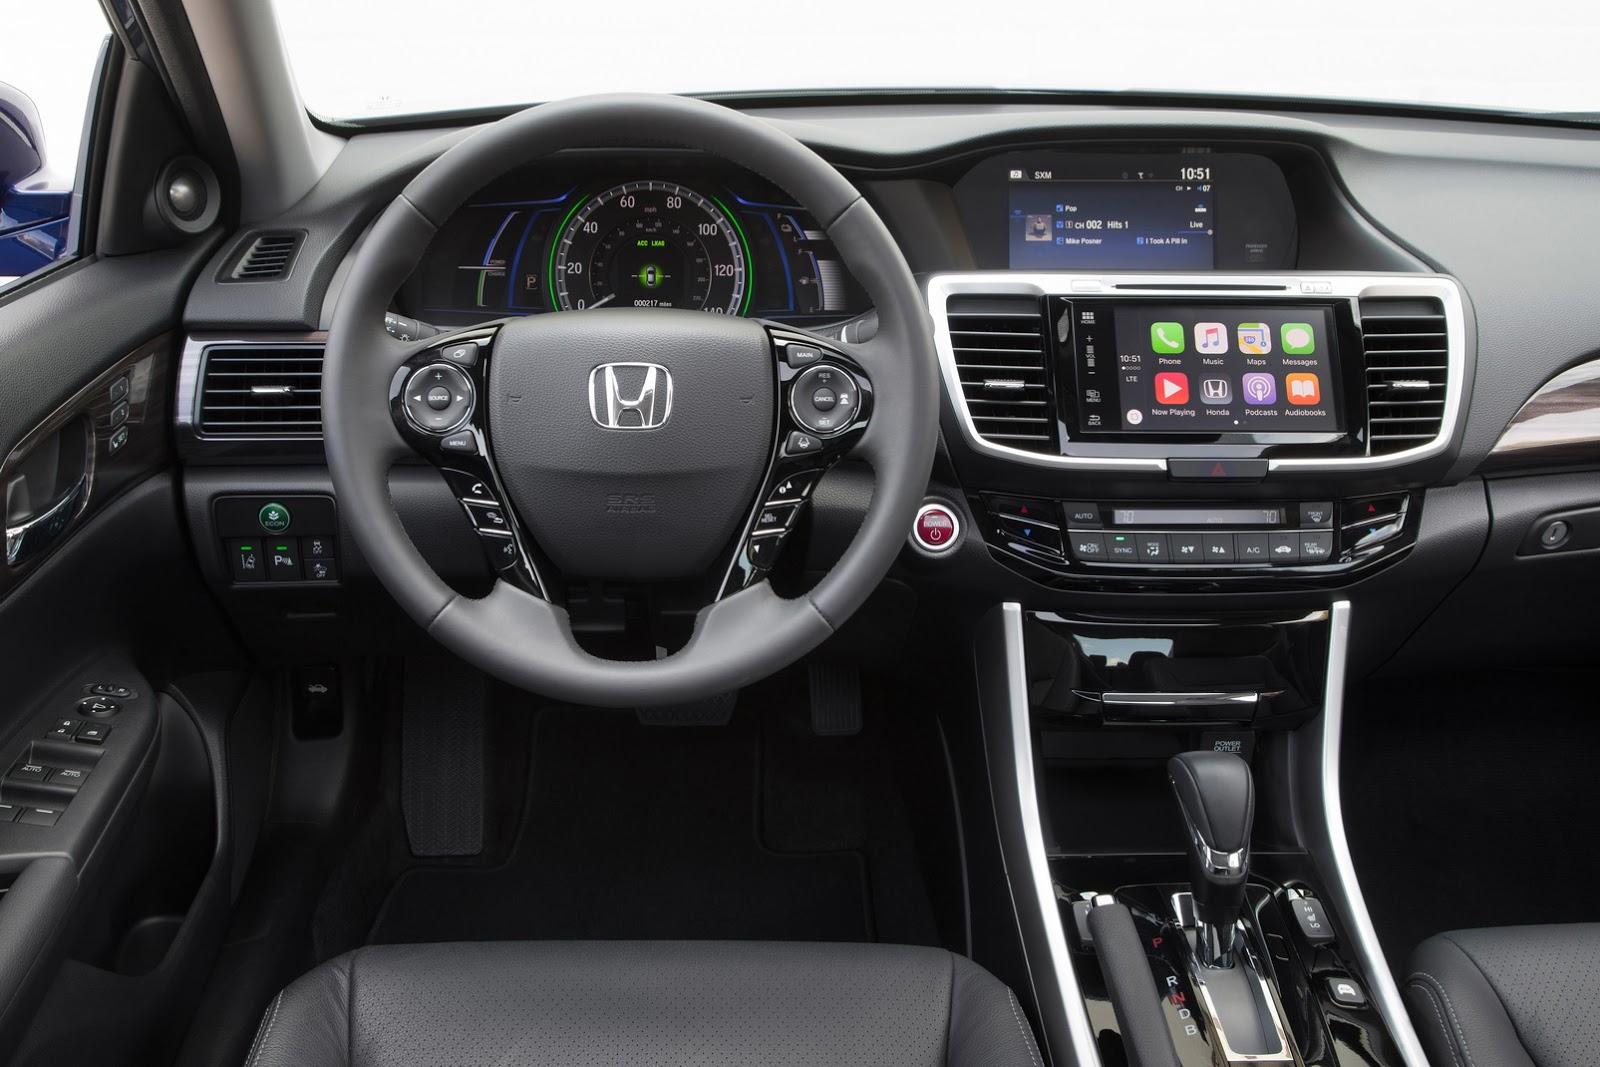 Ví dụ hệ thống an toàn Honda Sensing tiêu chuẩn và giao diện màn hình cảm ứng Display Audio mới nhất, tương thích ứng dụng Apple CarPlay cũng như Android Auto.